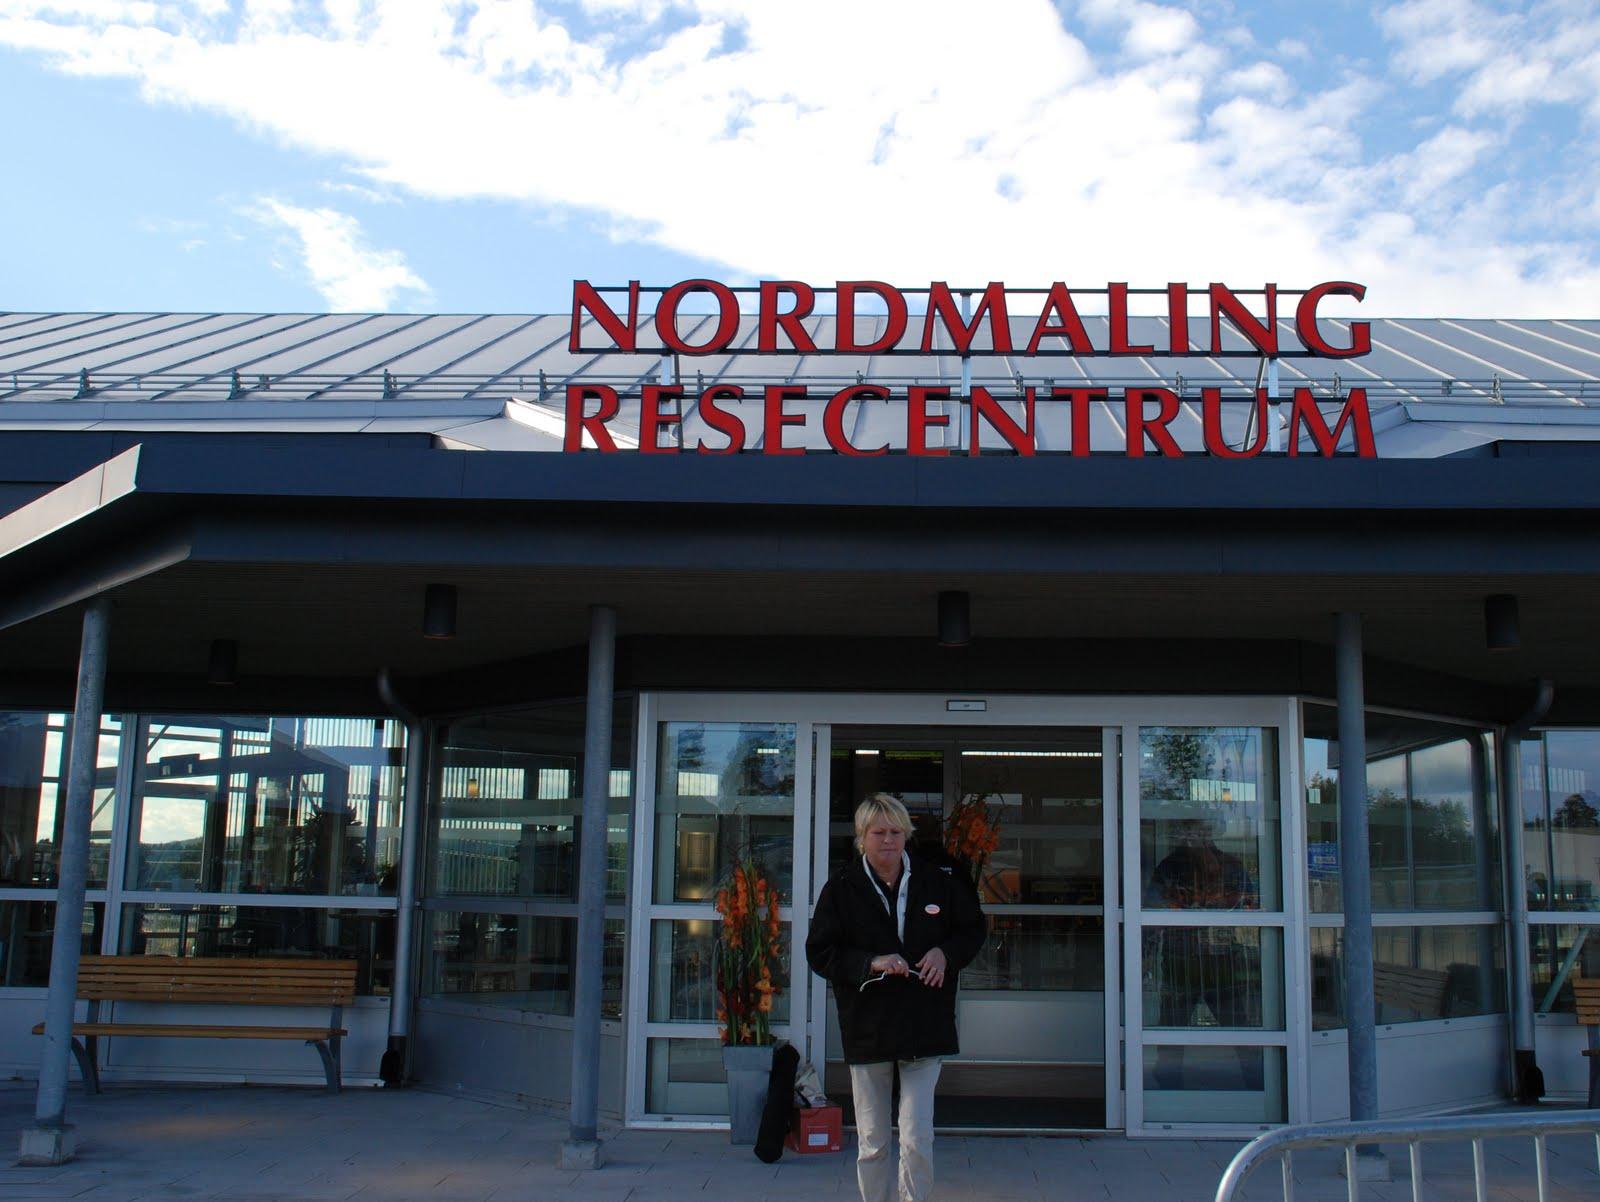 Nordmaling dejt - Agriturismo Pingitore